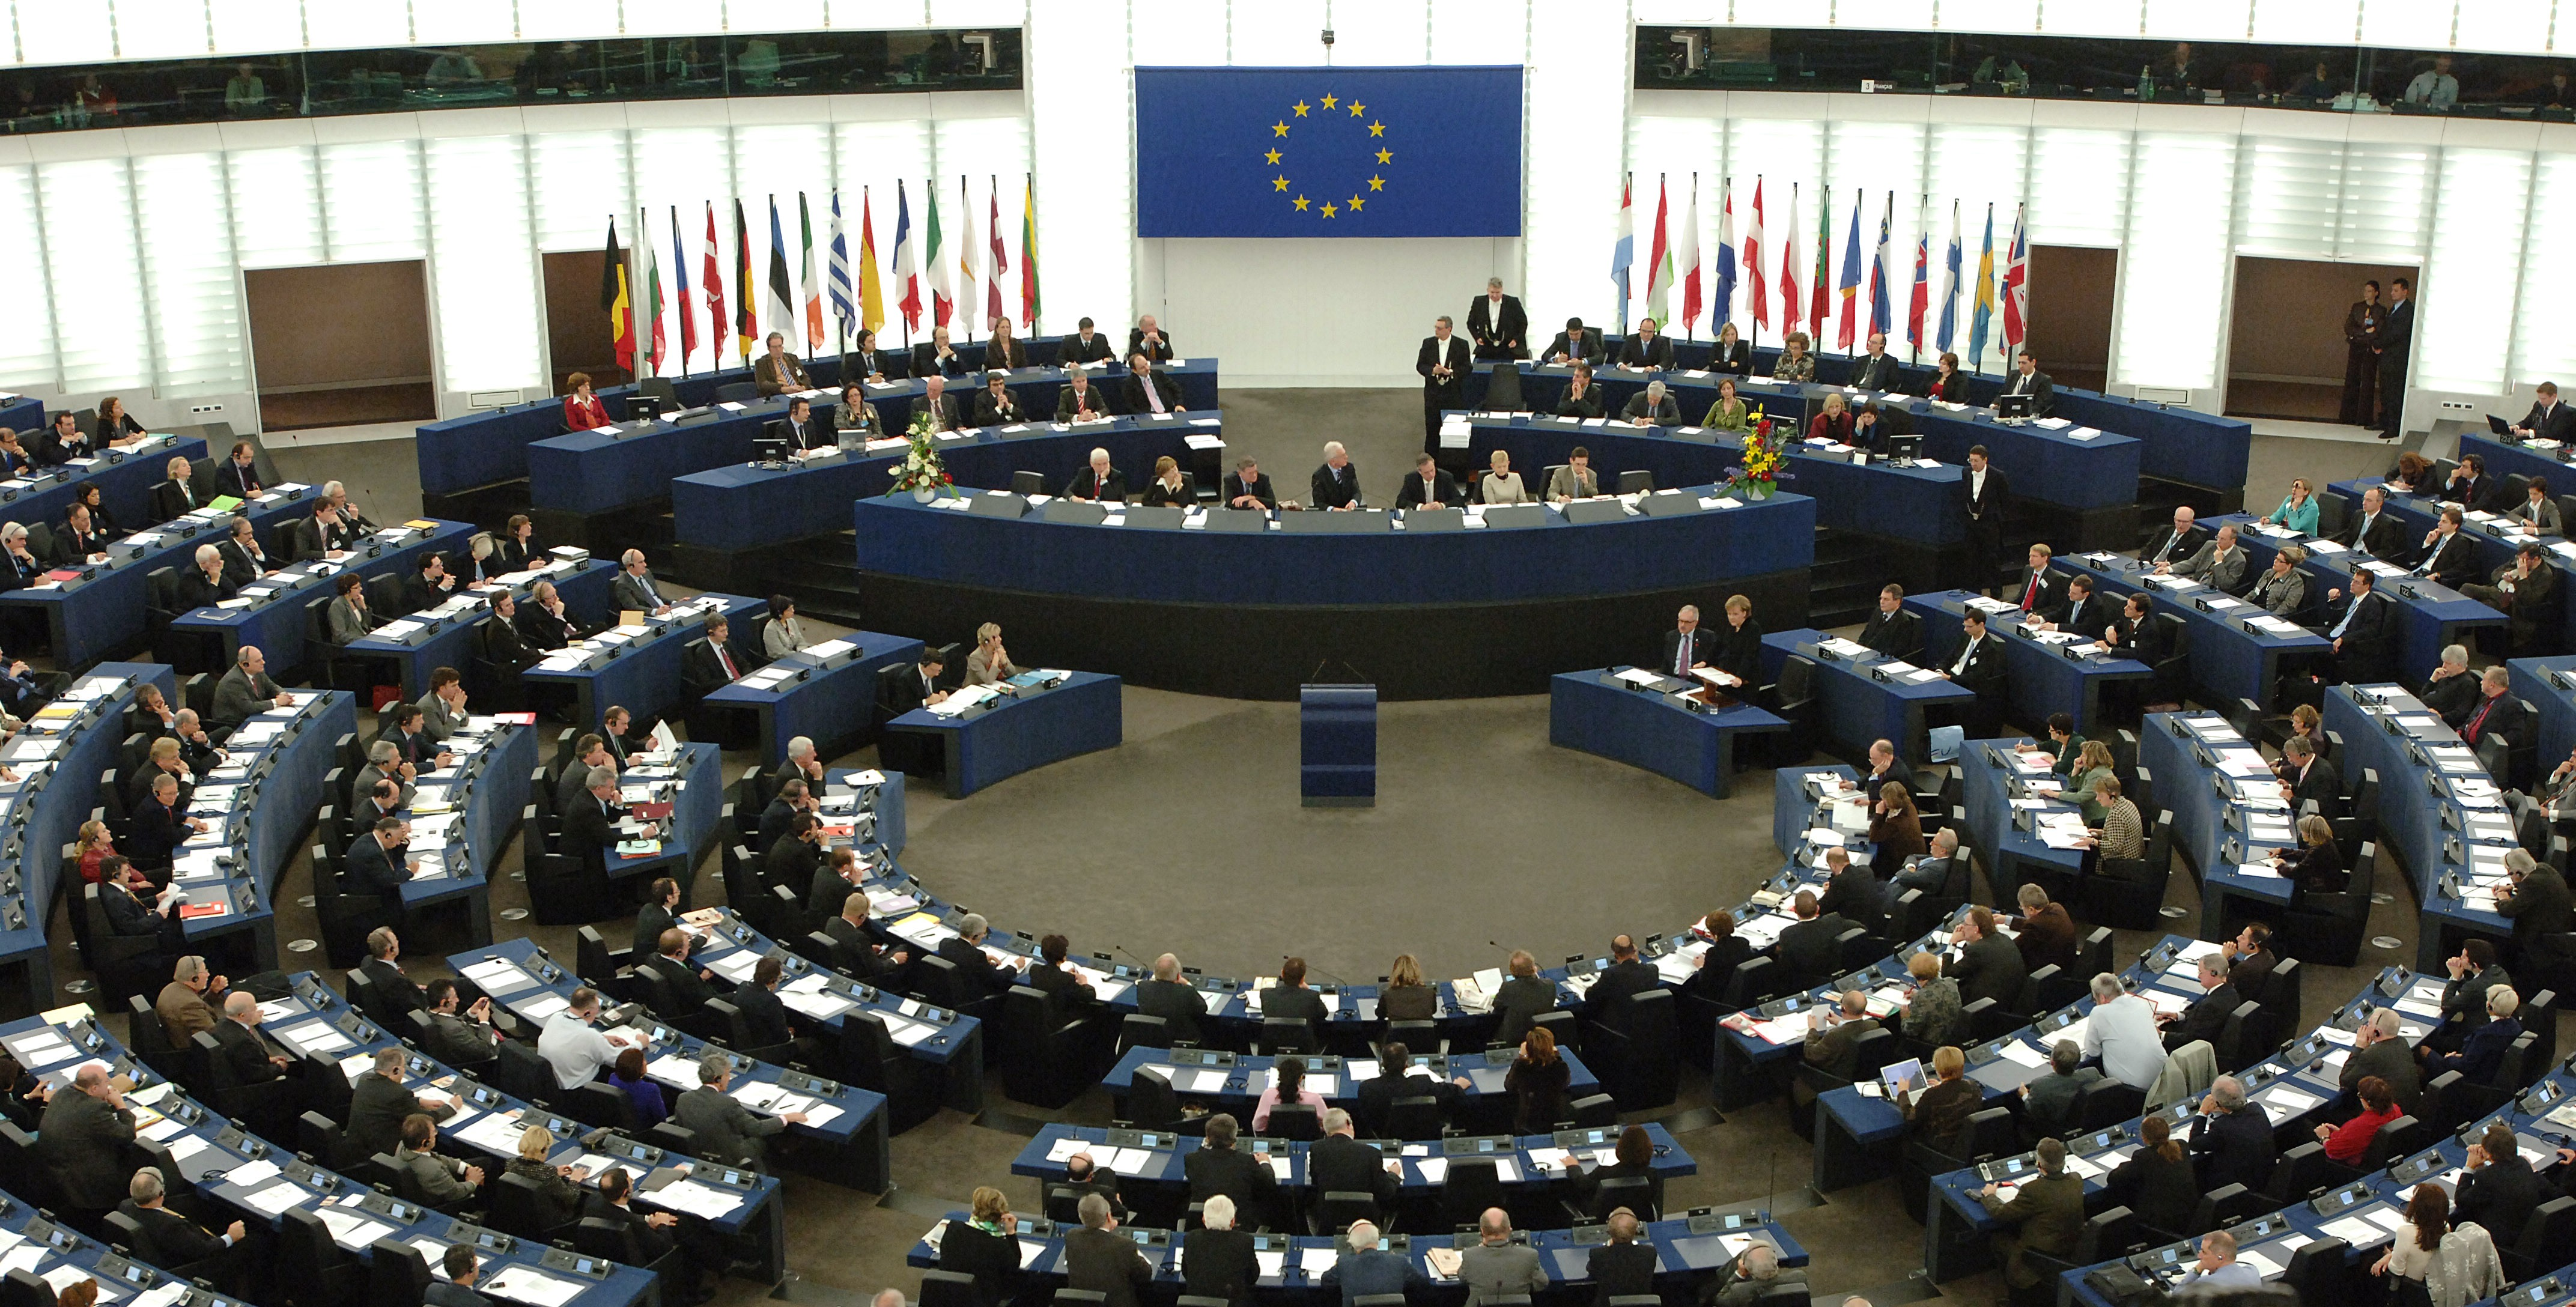 الاتحاد الأوروبي يجرى اتصالات مكثفة لحل أزمة اليونان